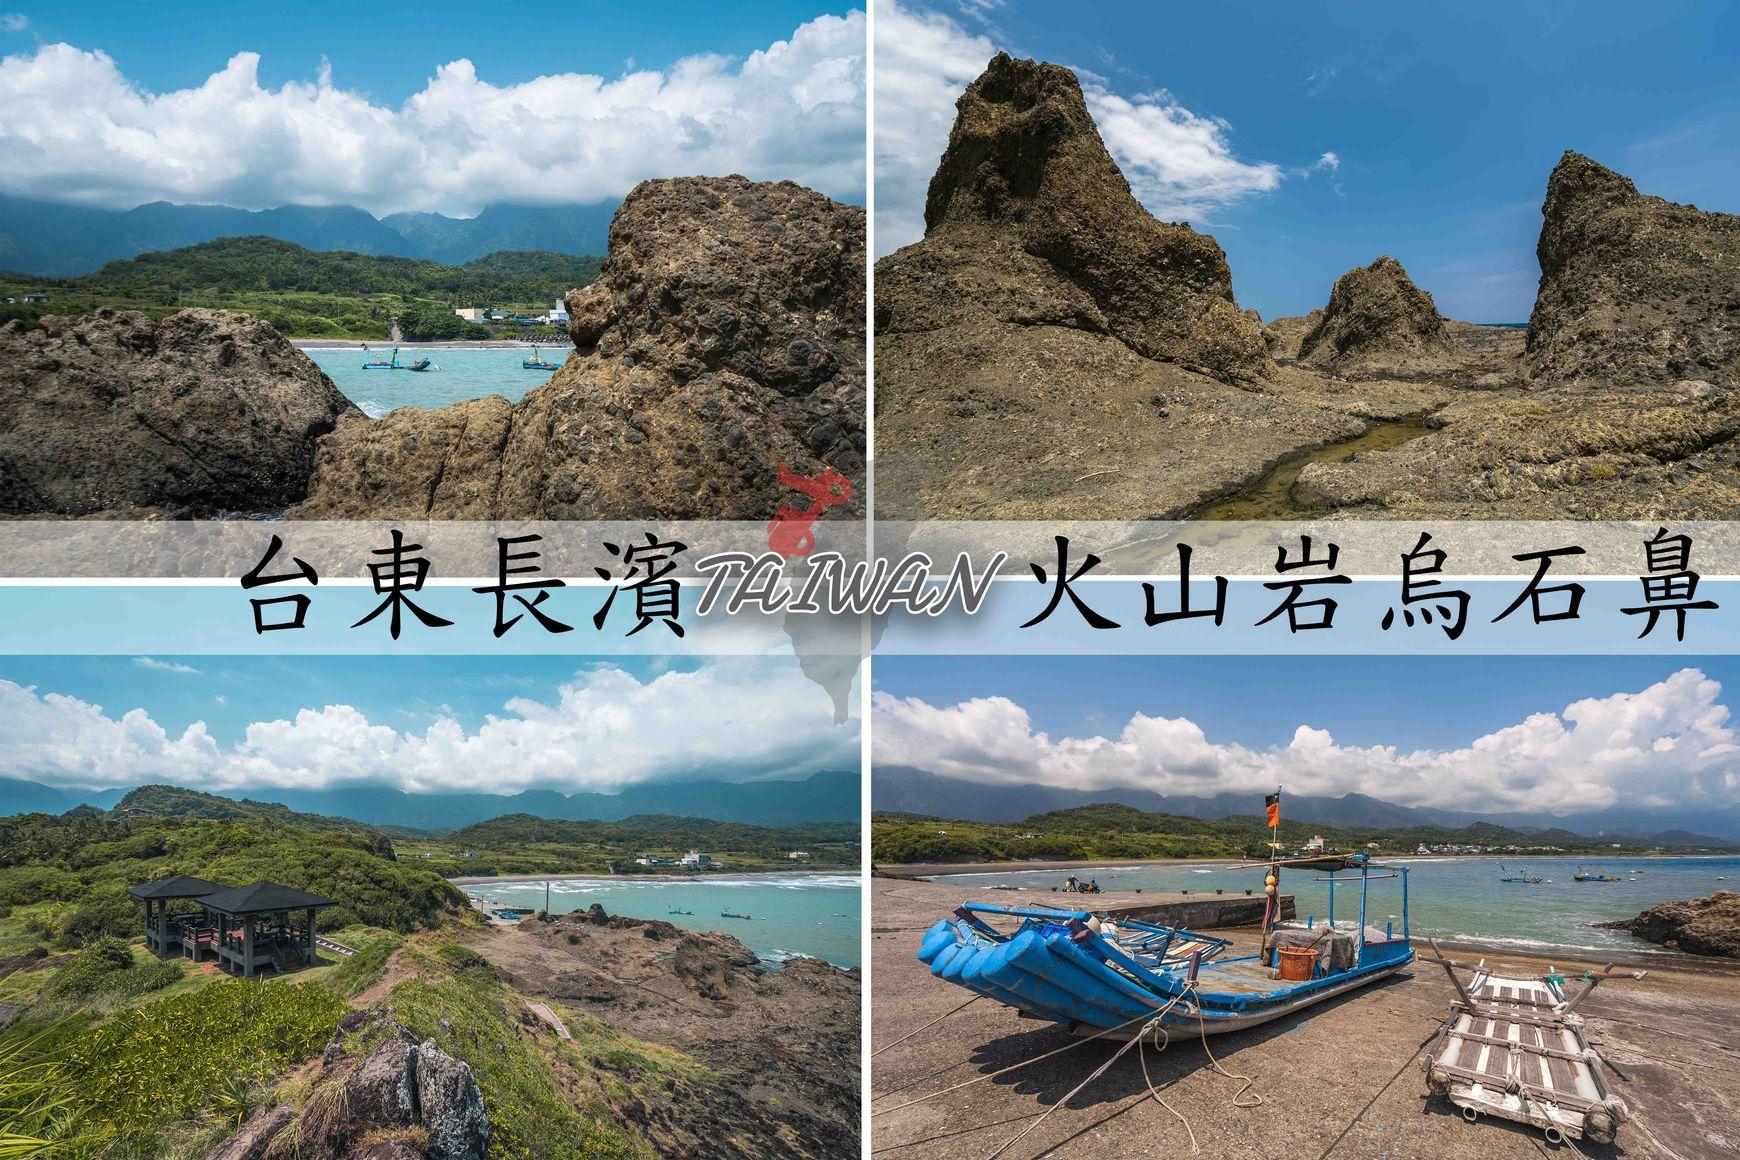 『台東長濱旅遊』全台面積最大柱狀火山岩體|烏石鼻海岸(漁港),超豐富潮間帶生態景點